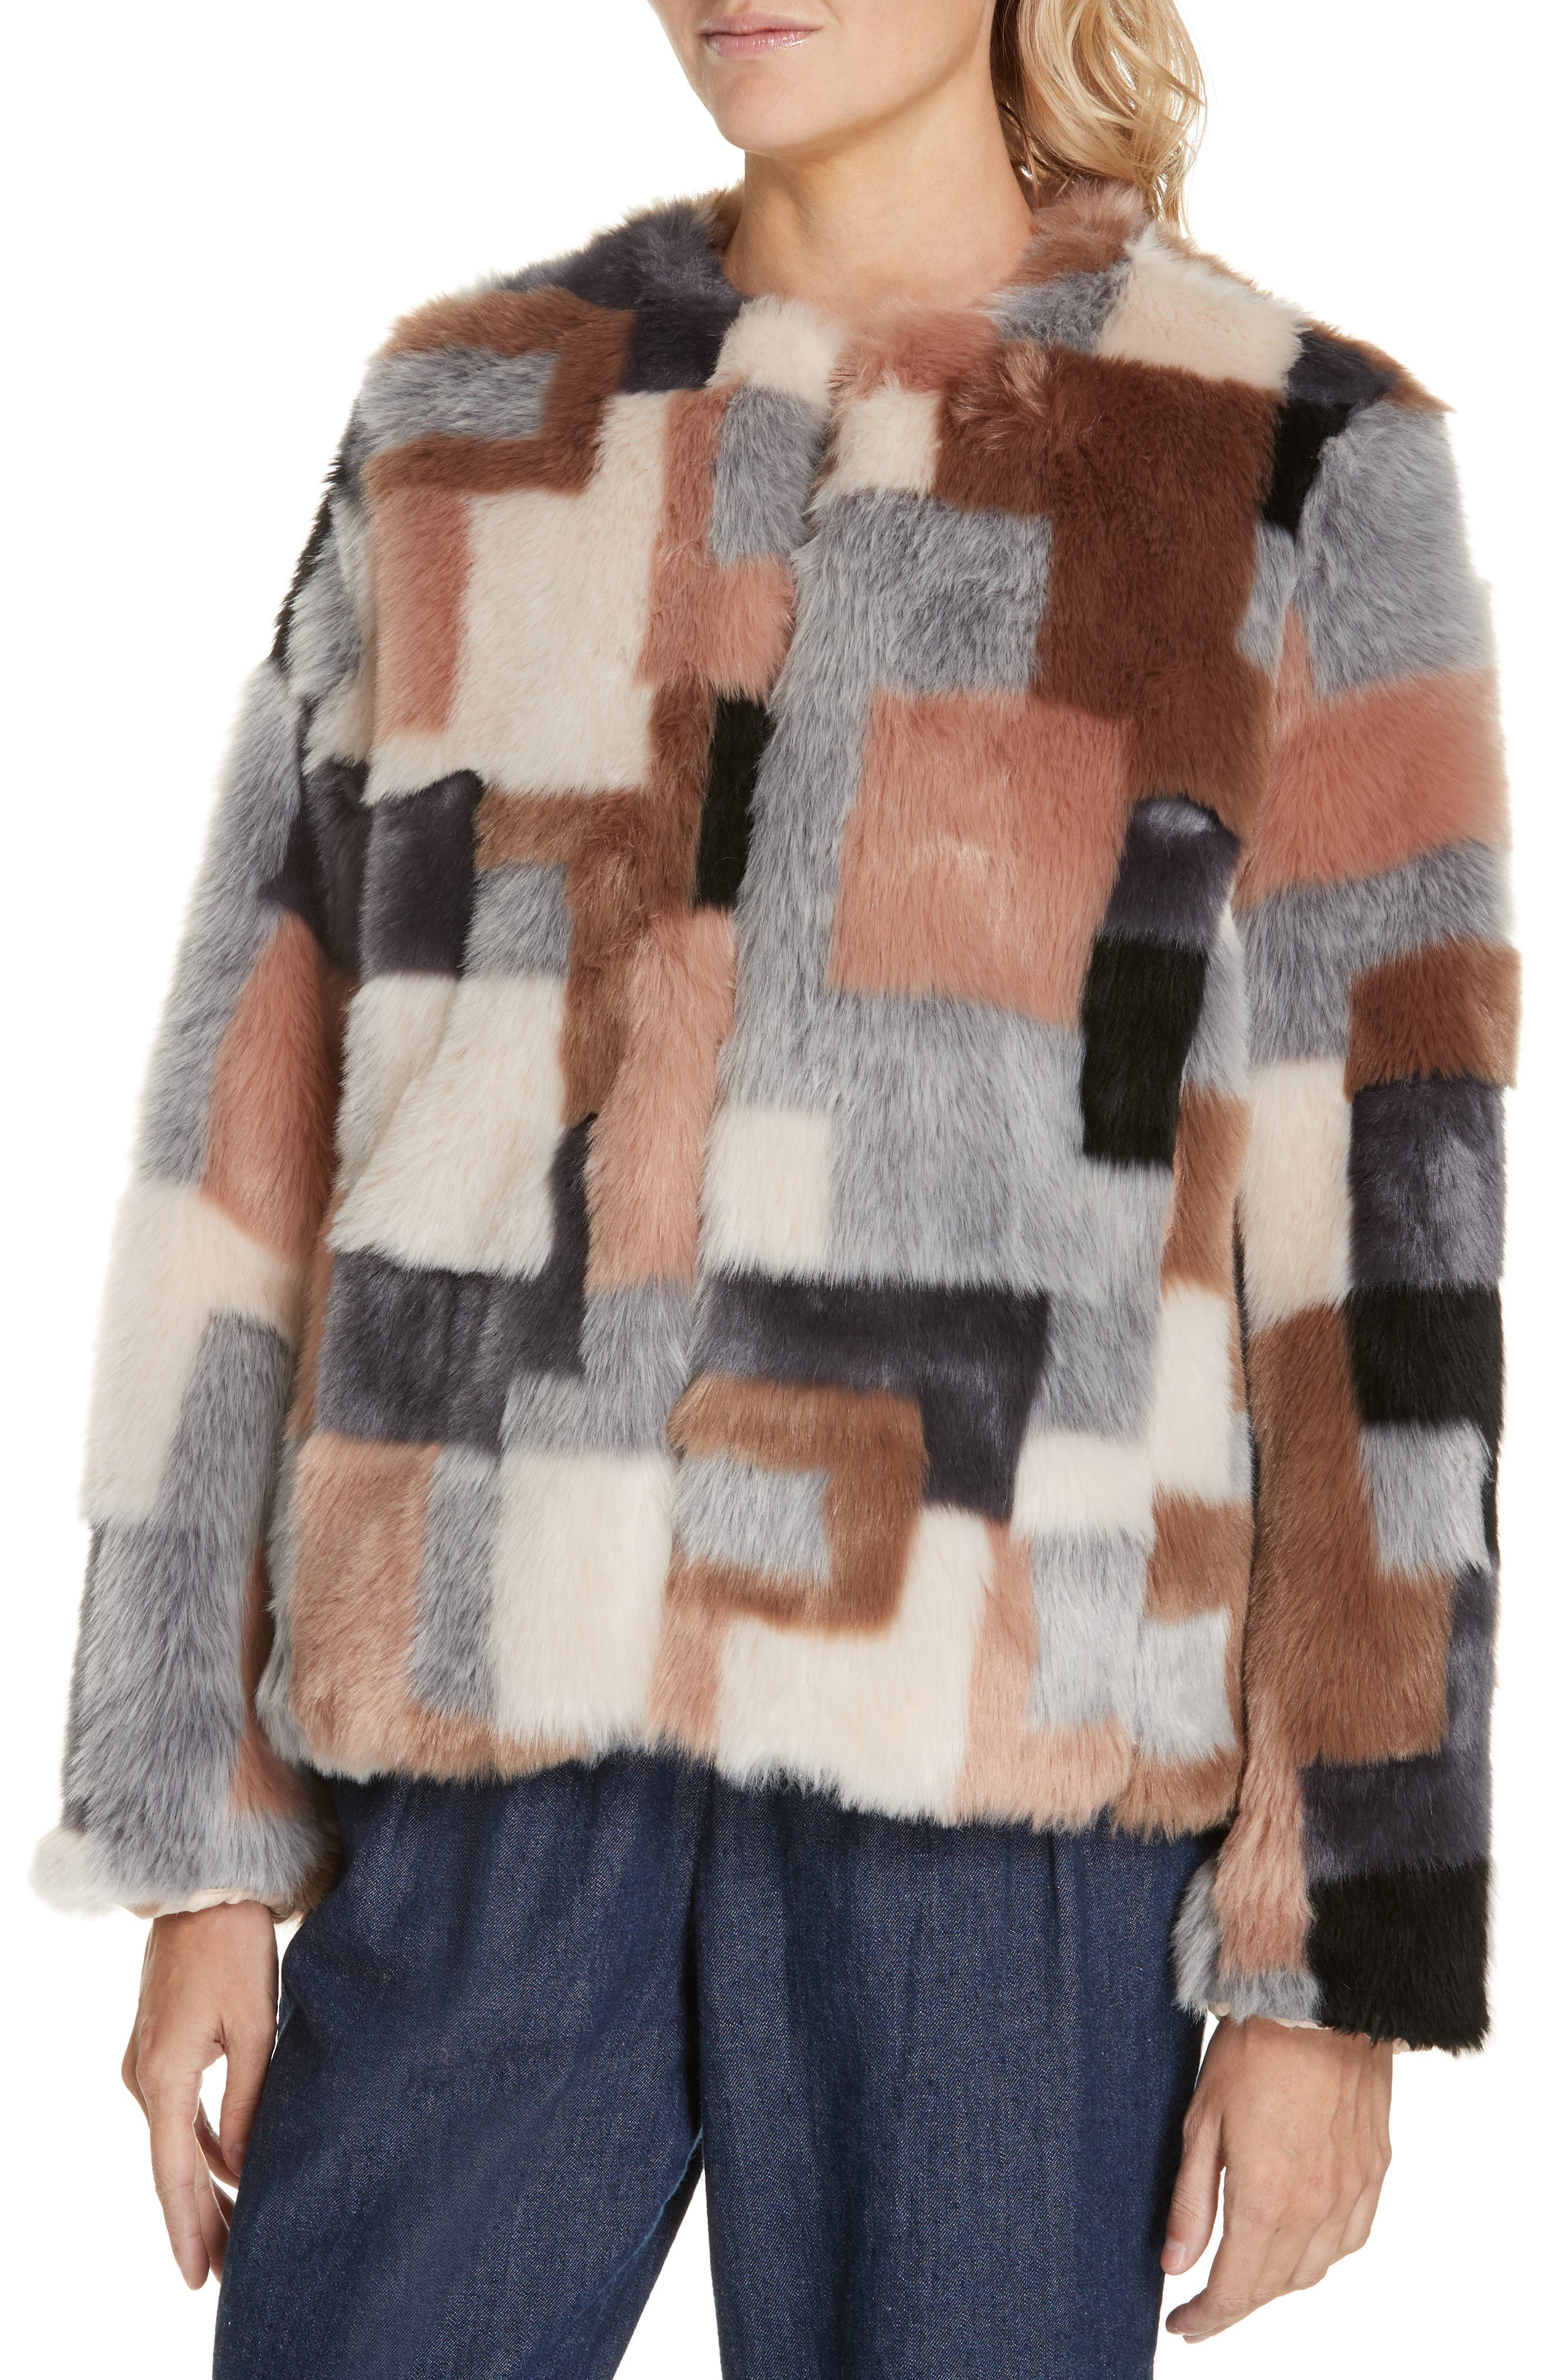 LA VIE REBECCA TAYLOR,                             Patched Faux Fur Jacket,                             Alternate thumbnail 4, color,                             400